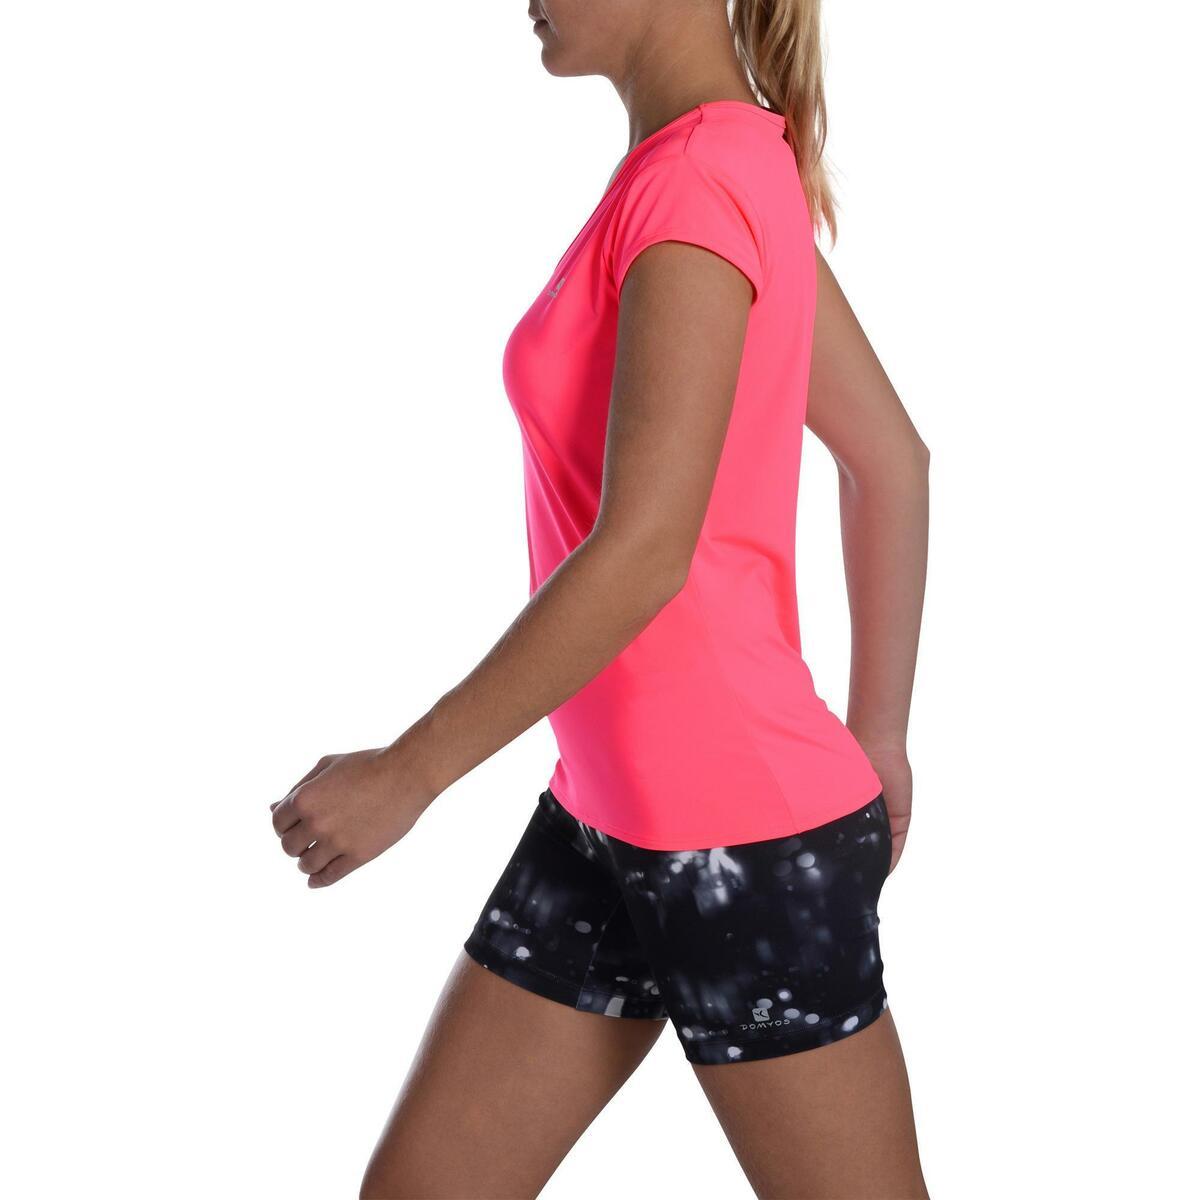 Bild 5 von T-Shirt FTS 100 Fitness Cardio Damen neonrosa